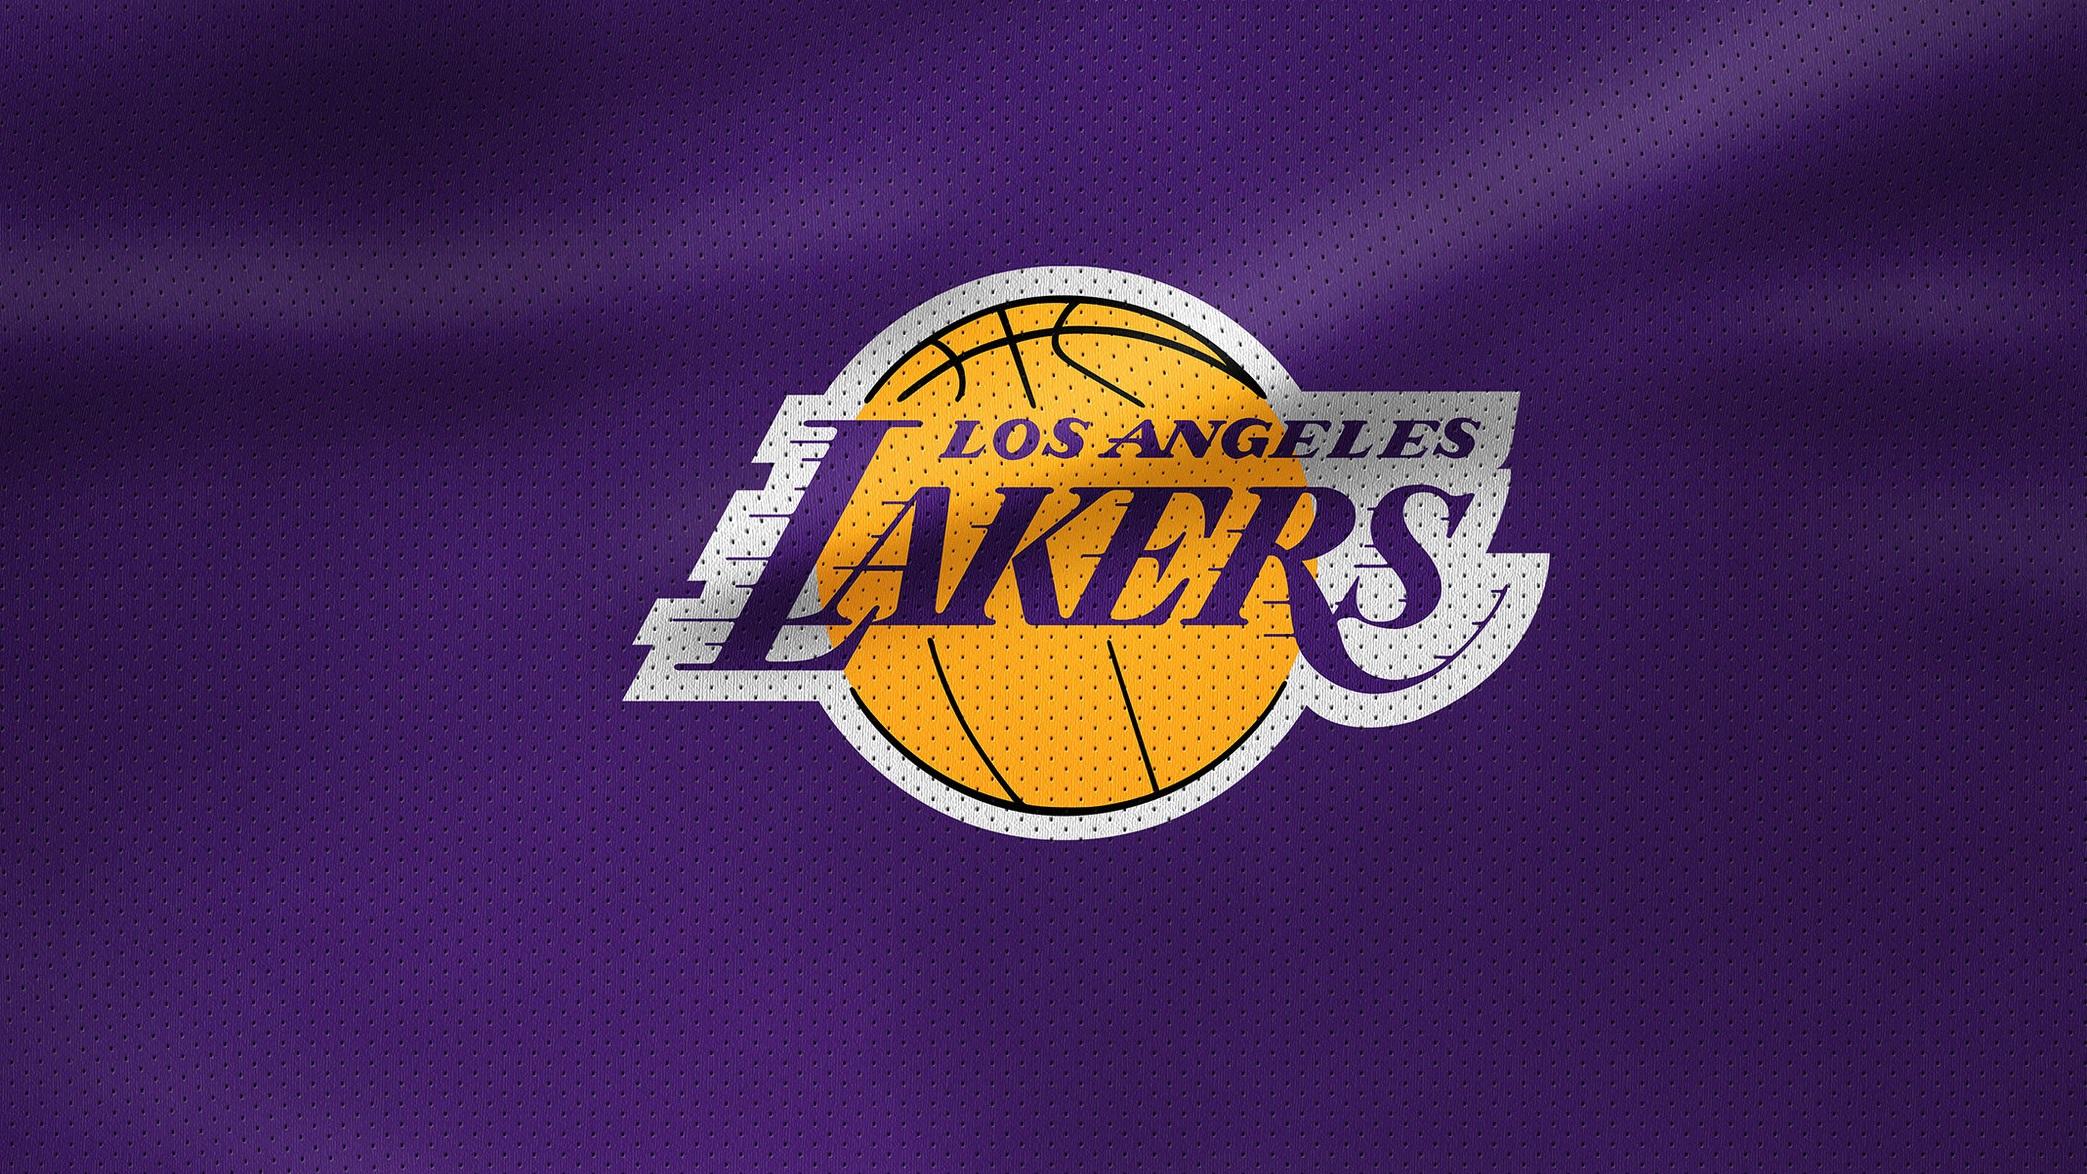 Rivalmöten - Till skillnad från Lakers har inte Clippers gått långt i slutspelet, och slutspelsfighter är ofta det som formar långlivade rivaliteter. Utöver Lakers är även Denver Nuggets och Phoenix Suns nuvarande stora rivaler. Ett möte som har potential att bli något stort framöver är det med Oklahoma City Thunder.